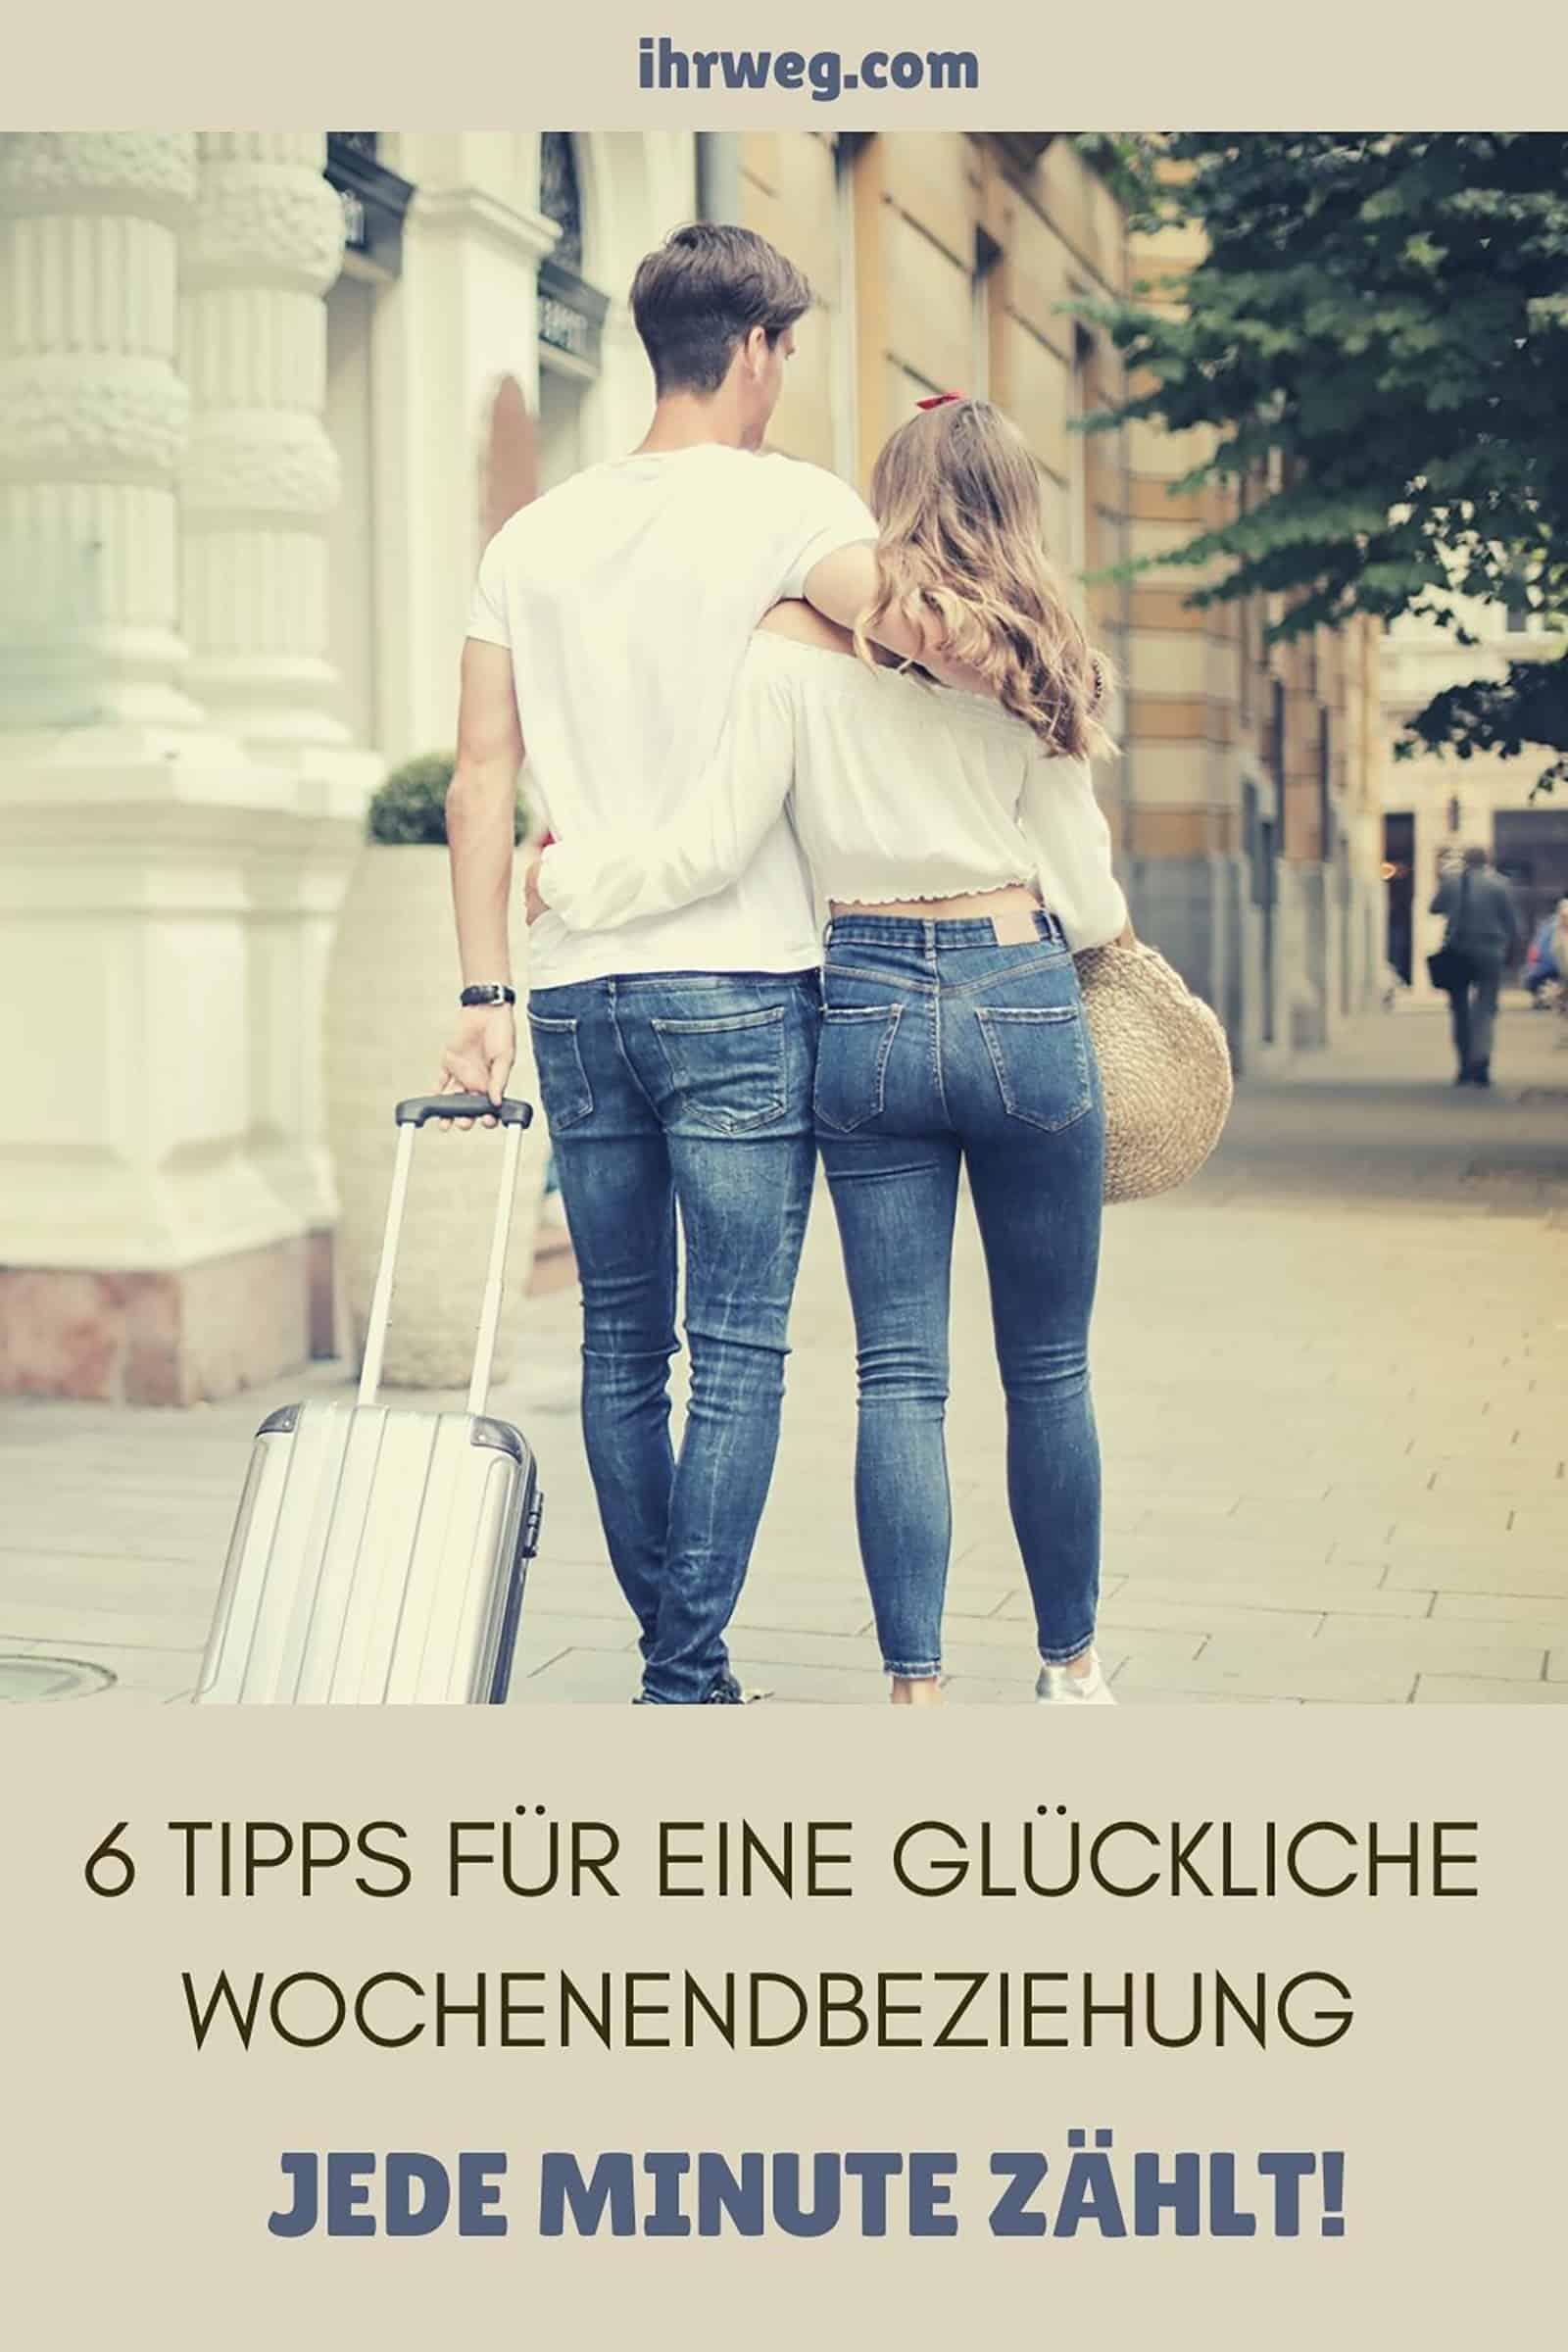 6 Tipps Für Eine Glückliche Wochenendbeziehung - Jede Minute Zählt!